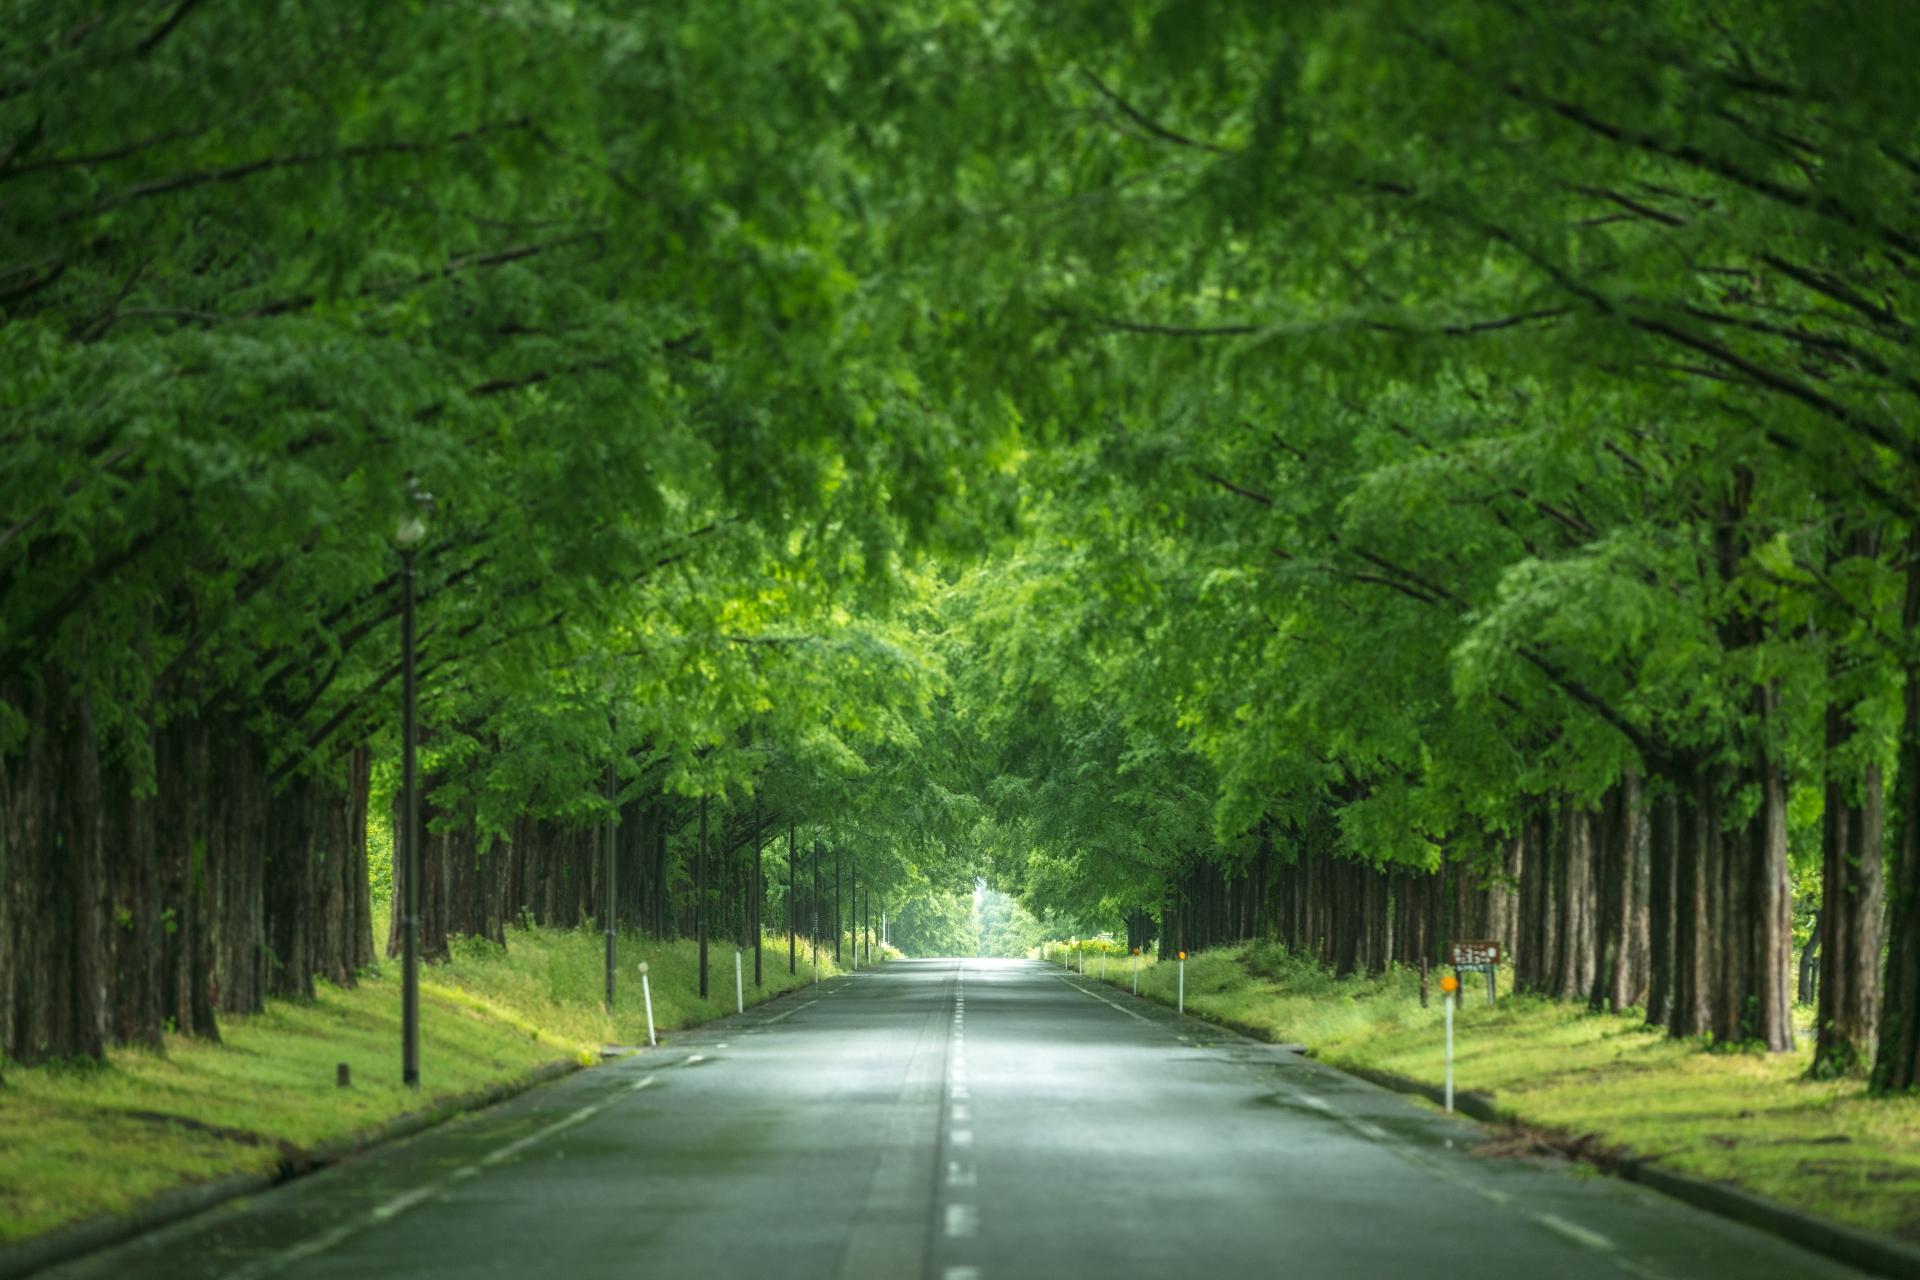 3884241_m 滋賀県  メタセコイア並木(約2.4km続く絶景のメタセコイア並木! 新緑の季節におすすめのスポット。 写真の紹介、アクセス情報や駐車場情報など)